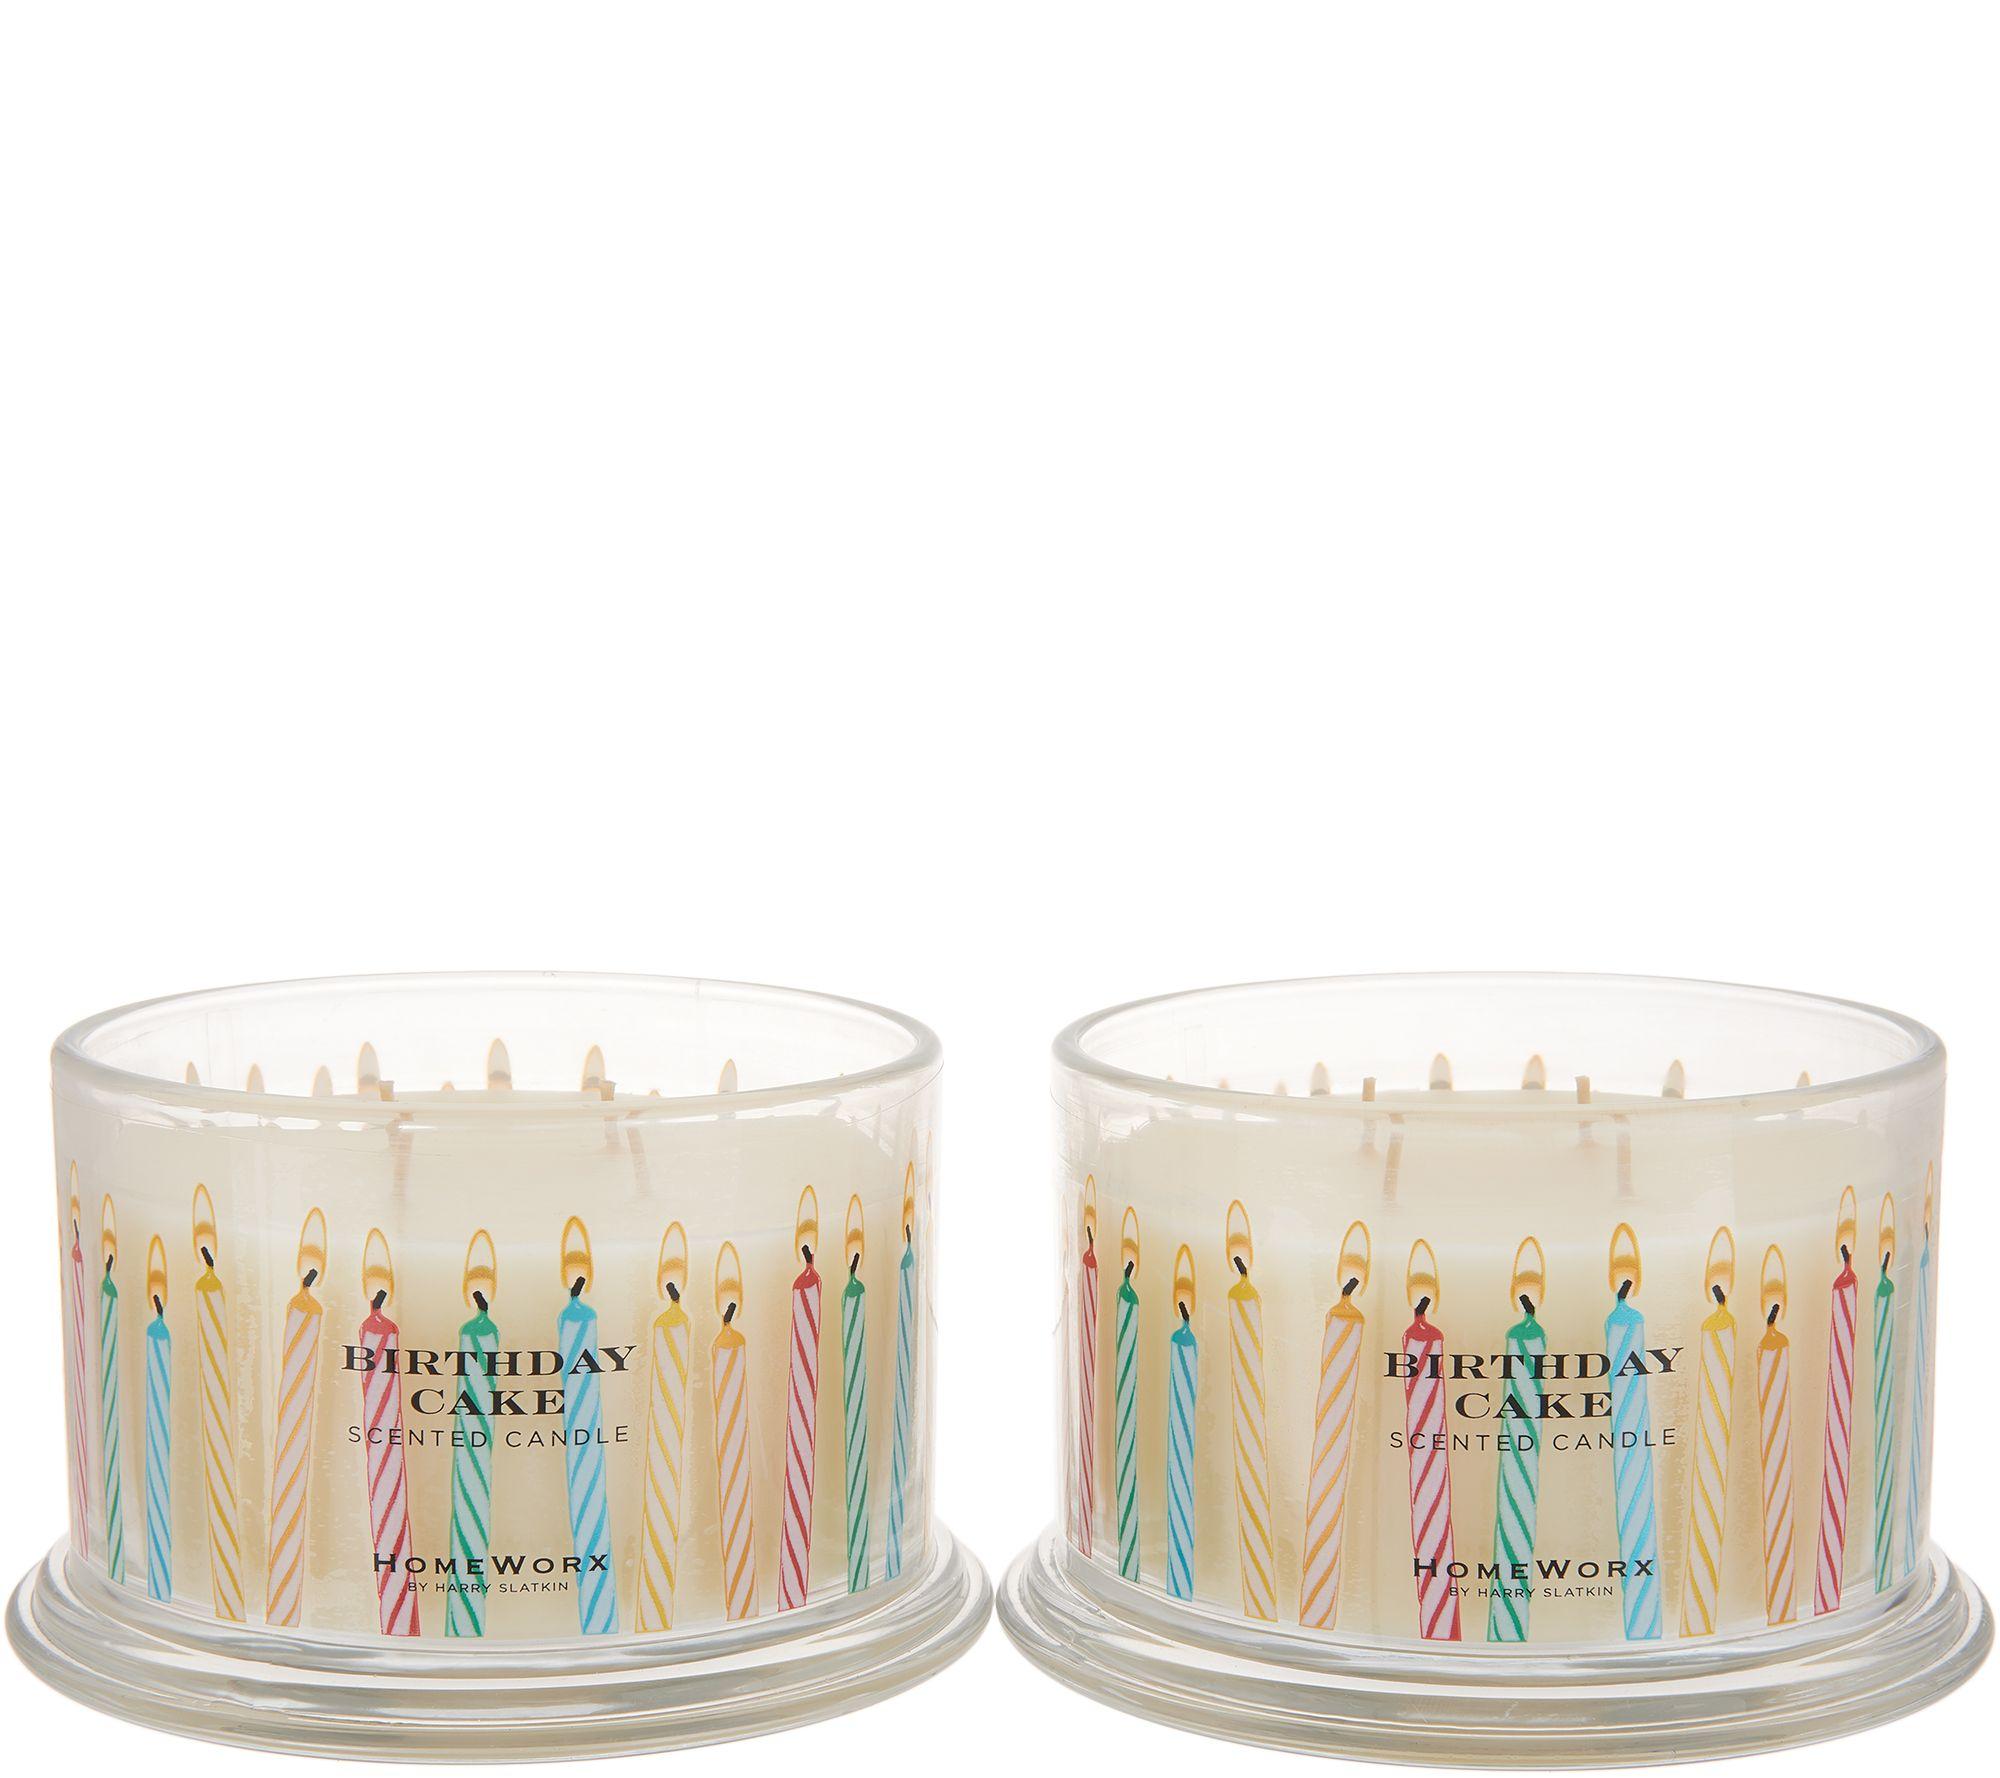 Fabulous Homeworx By Harry Slatkin Set Of 2 18 Oz Birthday Cake Candles Personalised Birthday Cards Beptaeletsinfo